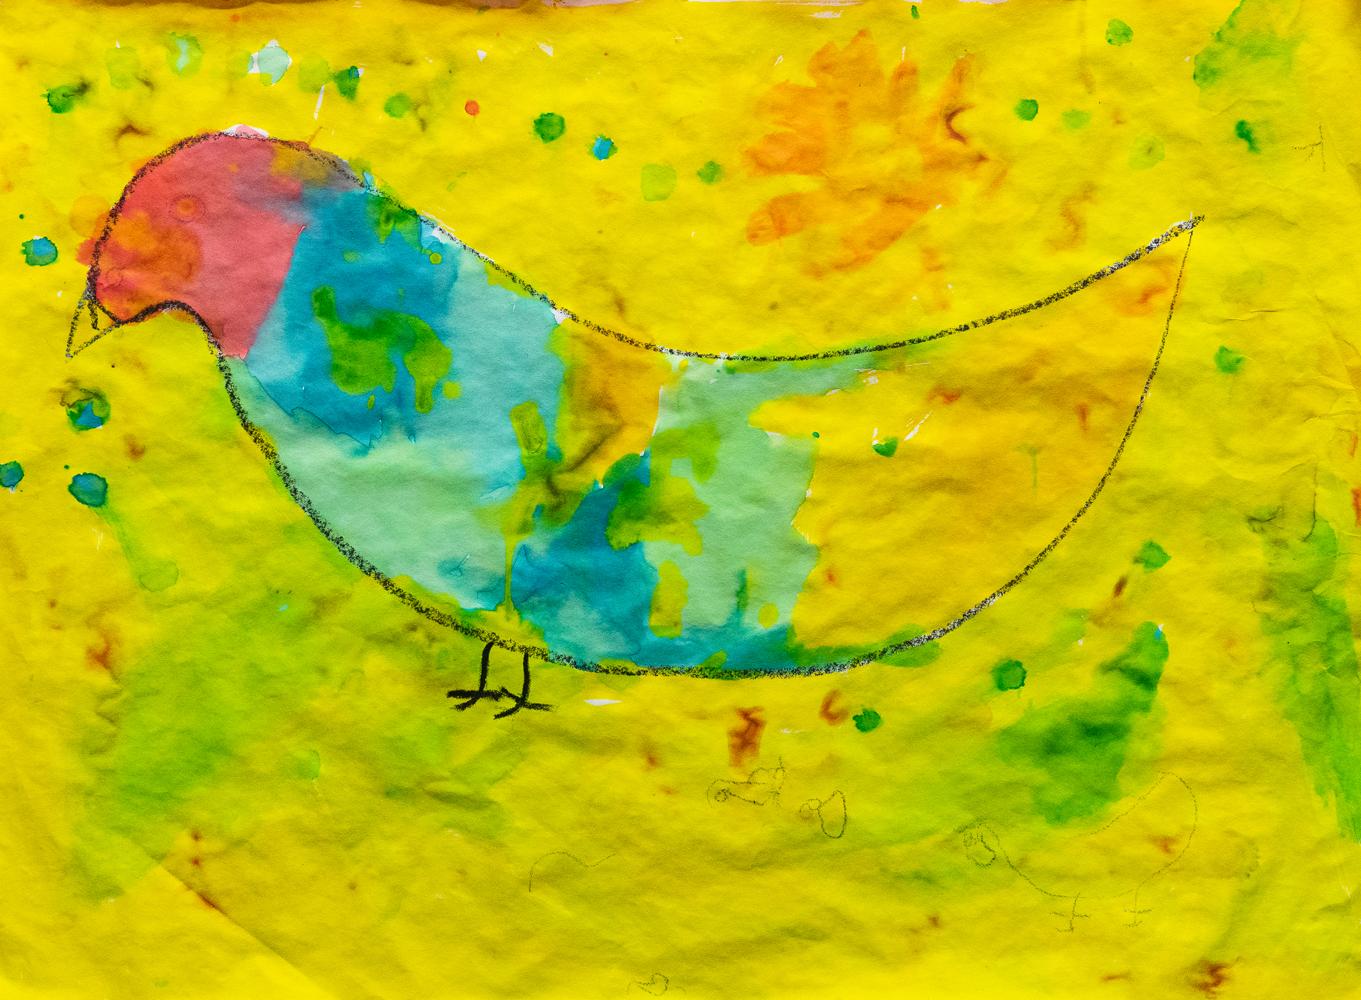 07. Kaylan Widders, 'My red hen', edicol dye, crayon, Kindergarten, Newling Public School